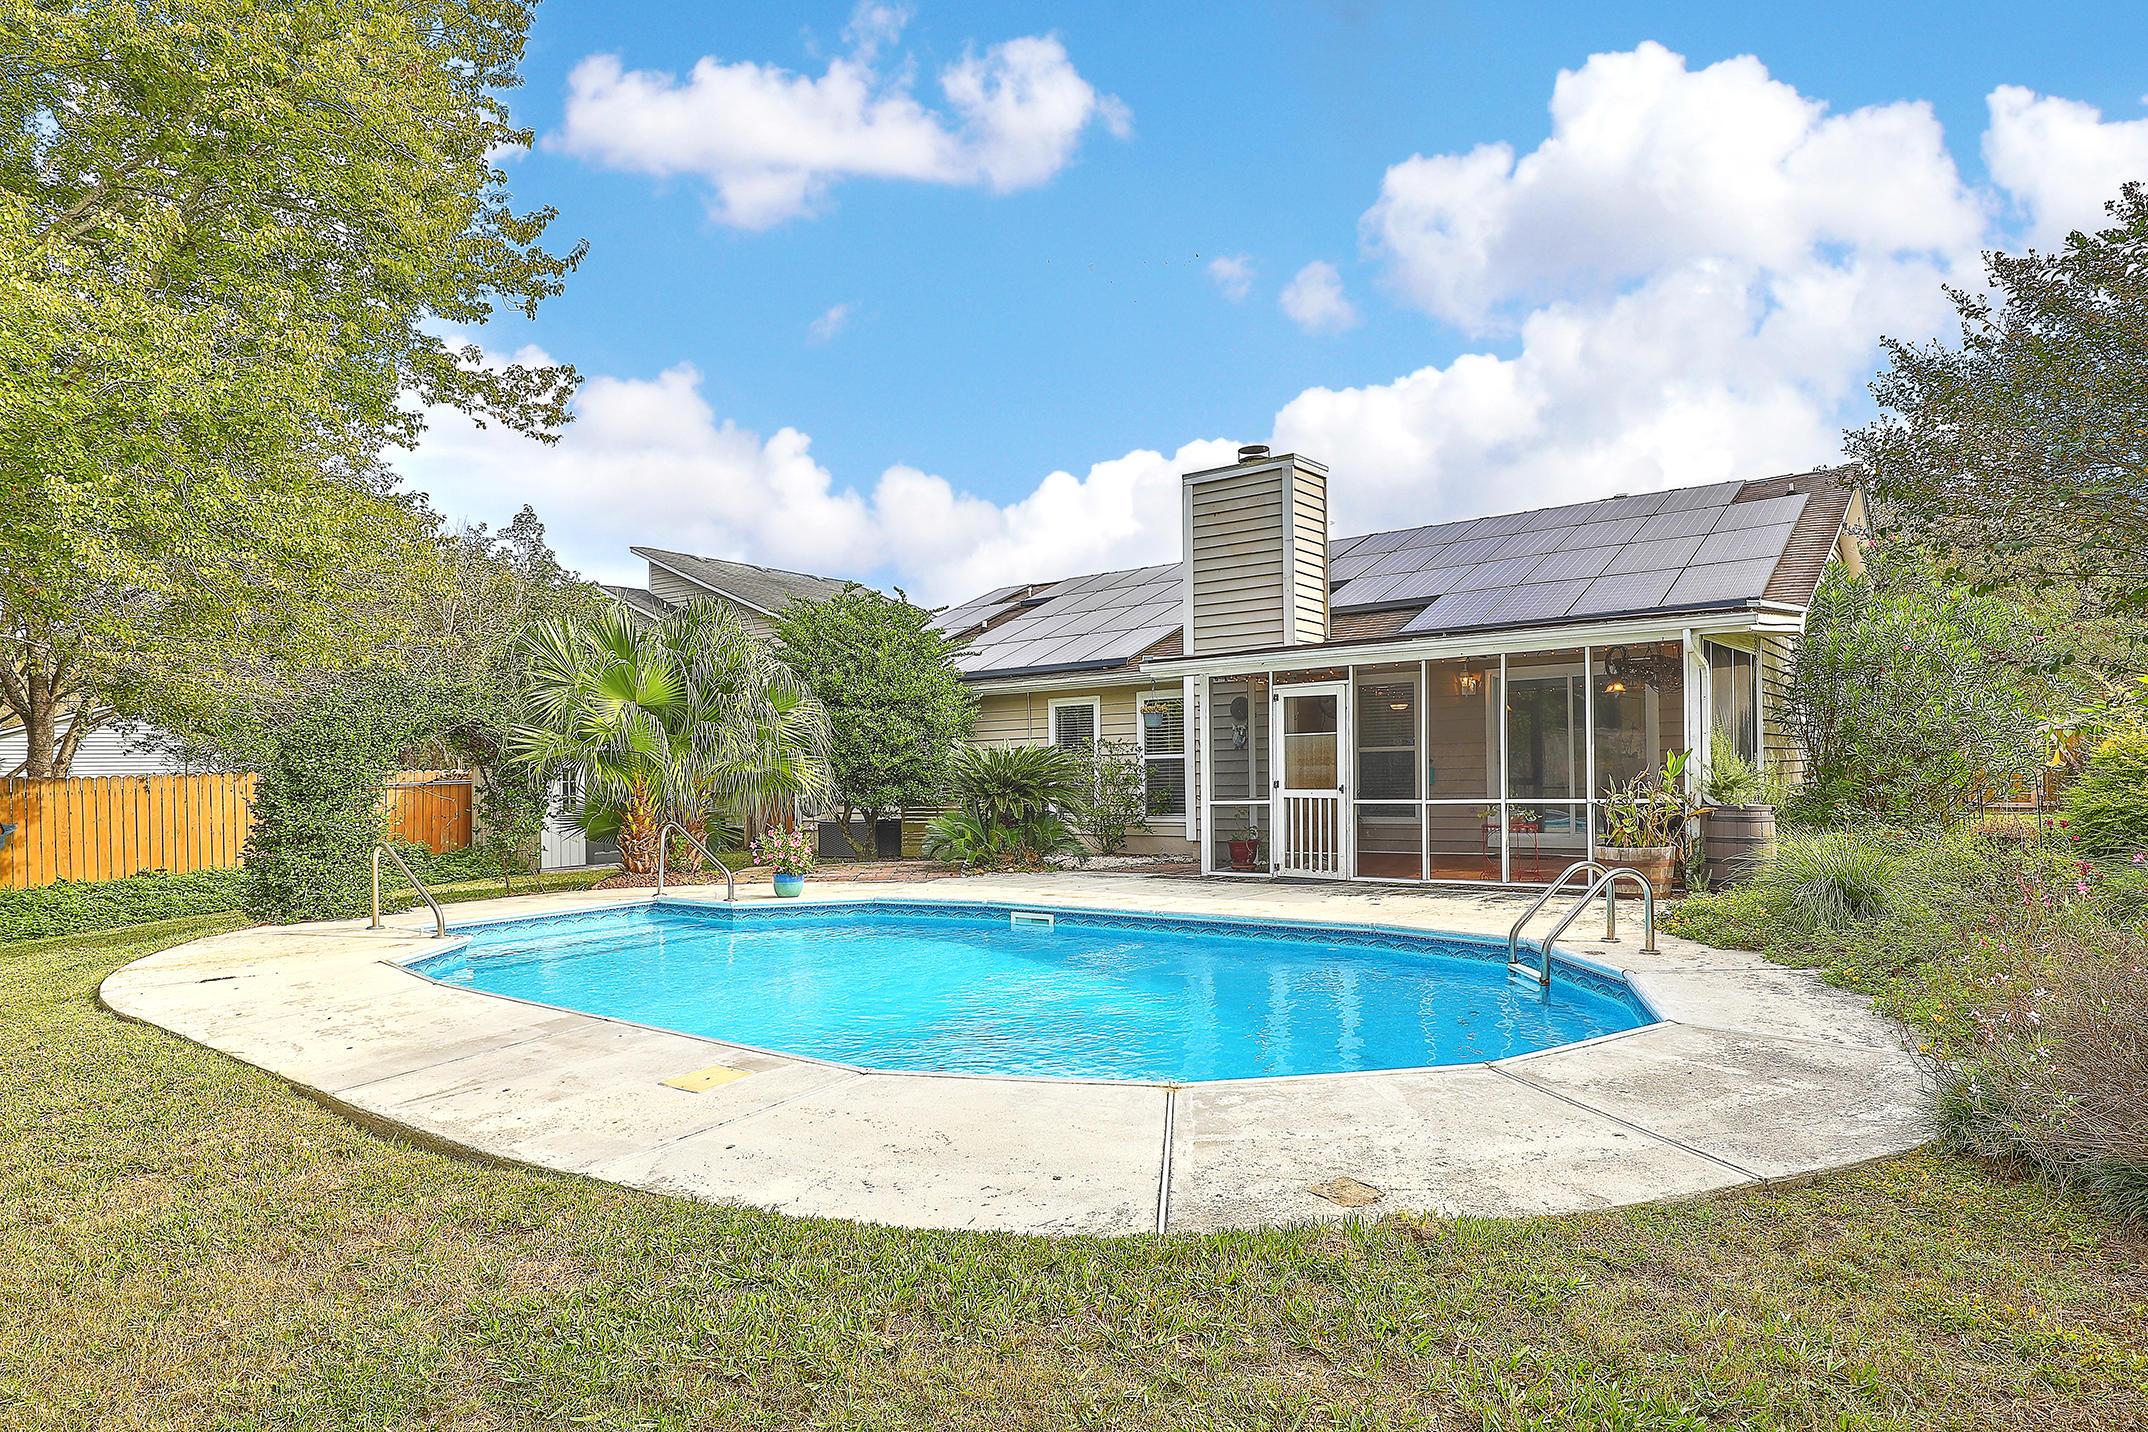 Coopers Landing Homes For Sale - 1474 Hidden Bridge, Mount Pleasant, SC - 21